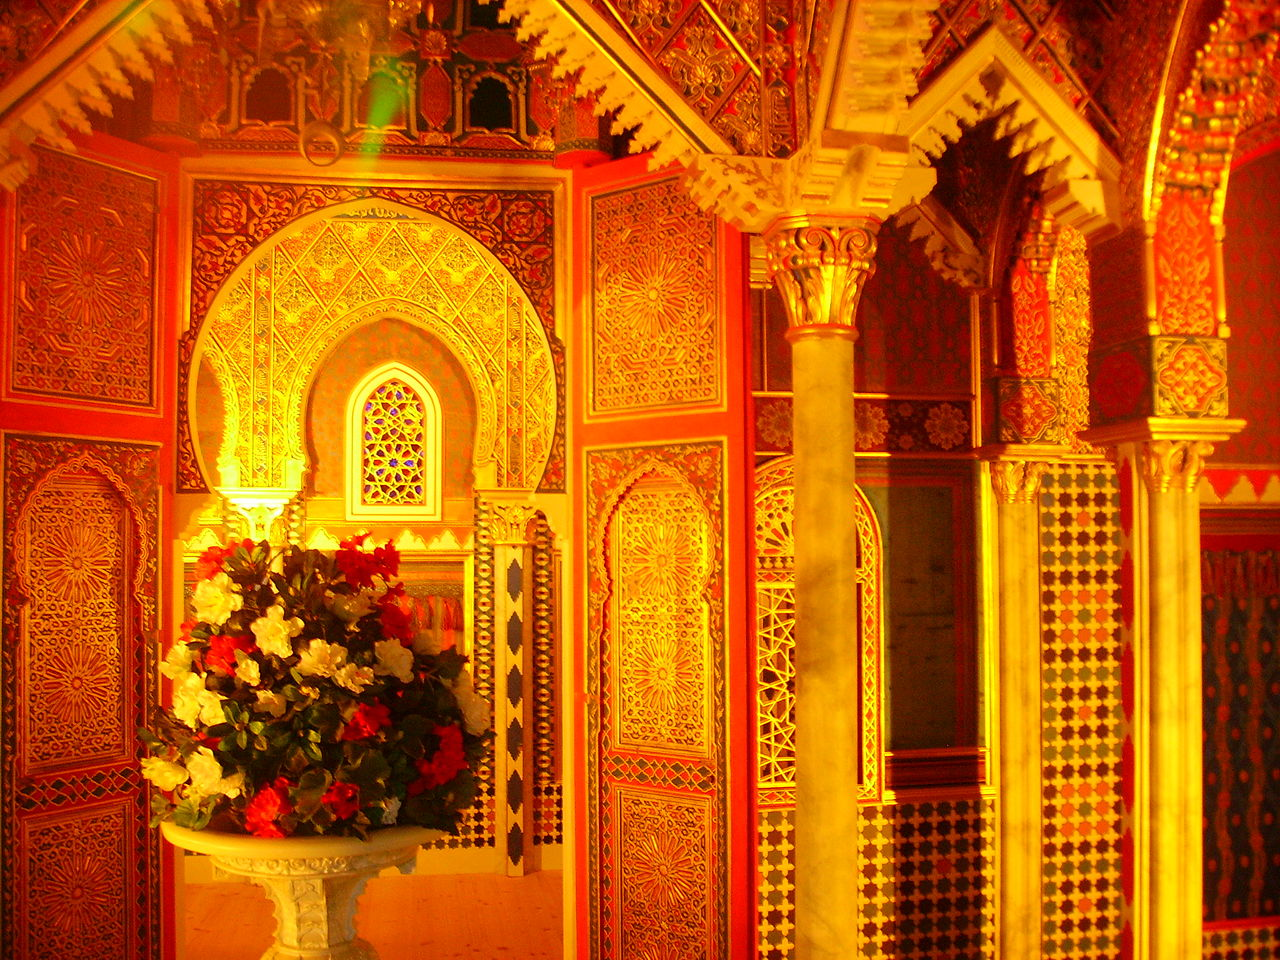 1280px-Ettal_Marokkanisches_Haus_Innen_1.JPG